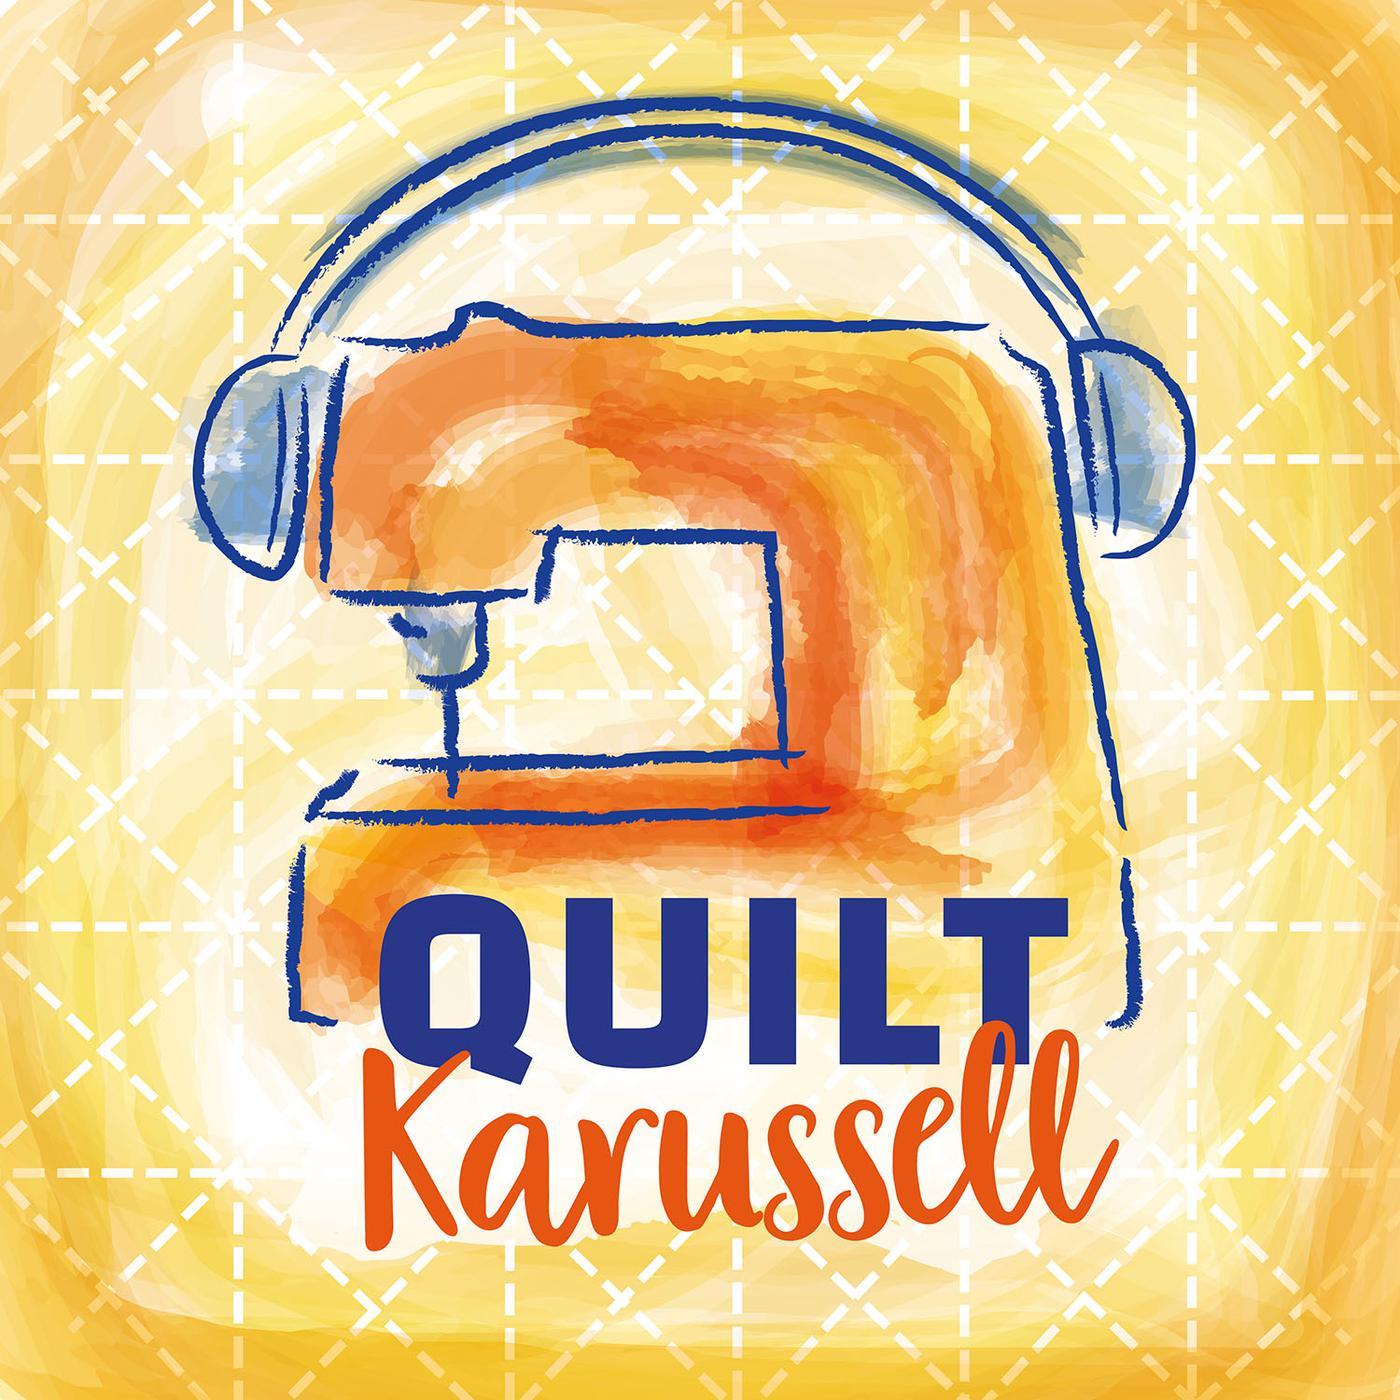 Quilt Karussell (podcast) - Emanuela Jeske | Listen Notes